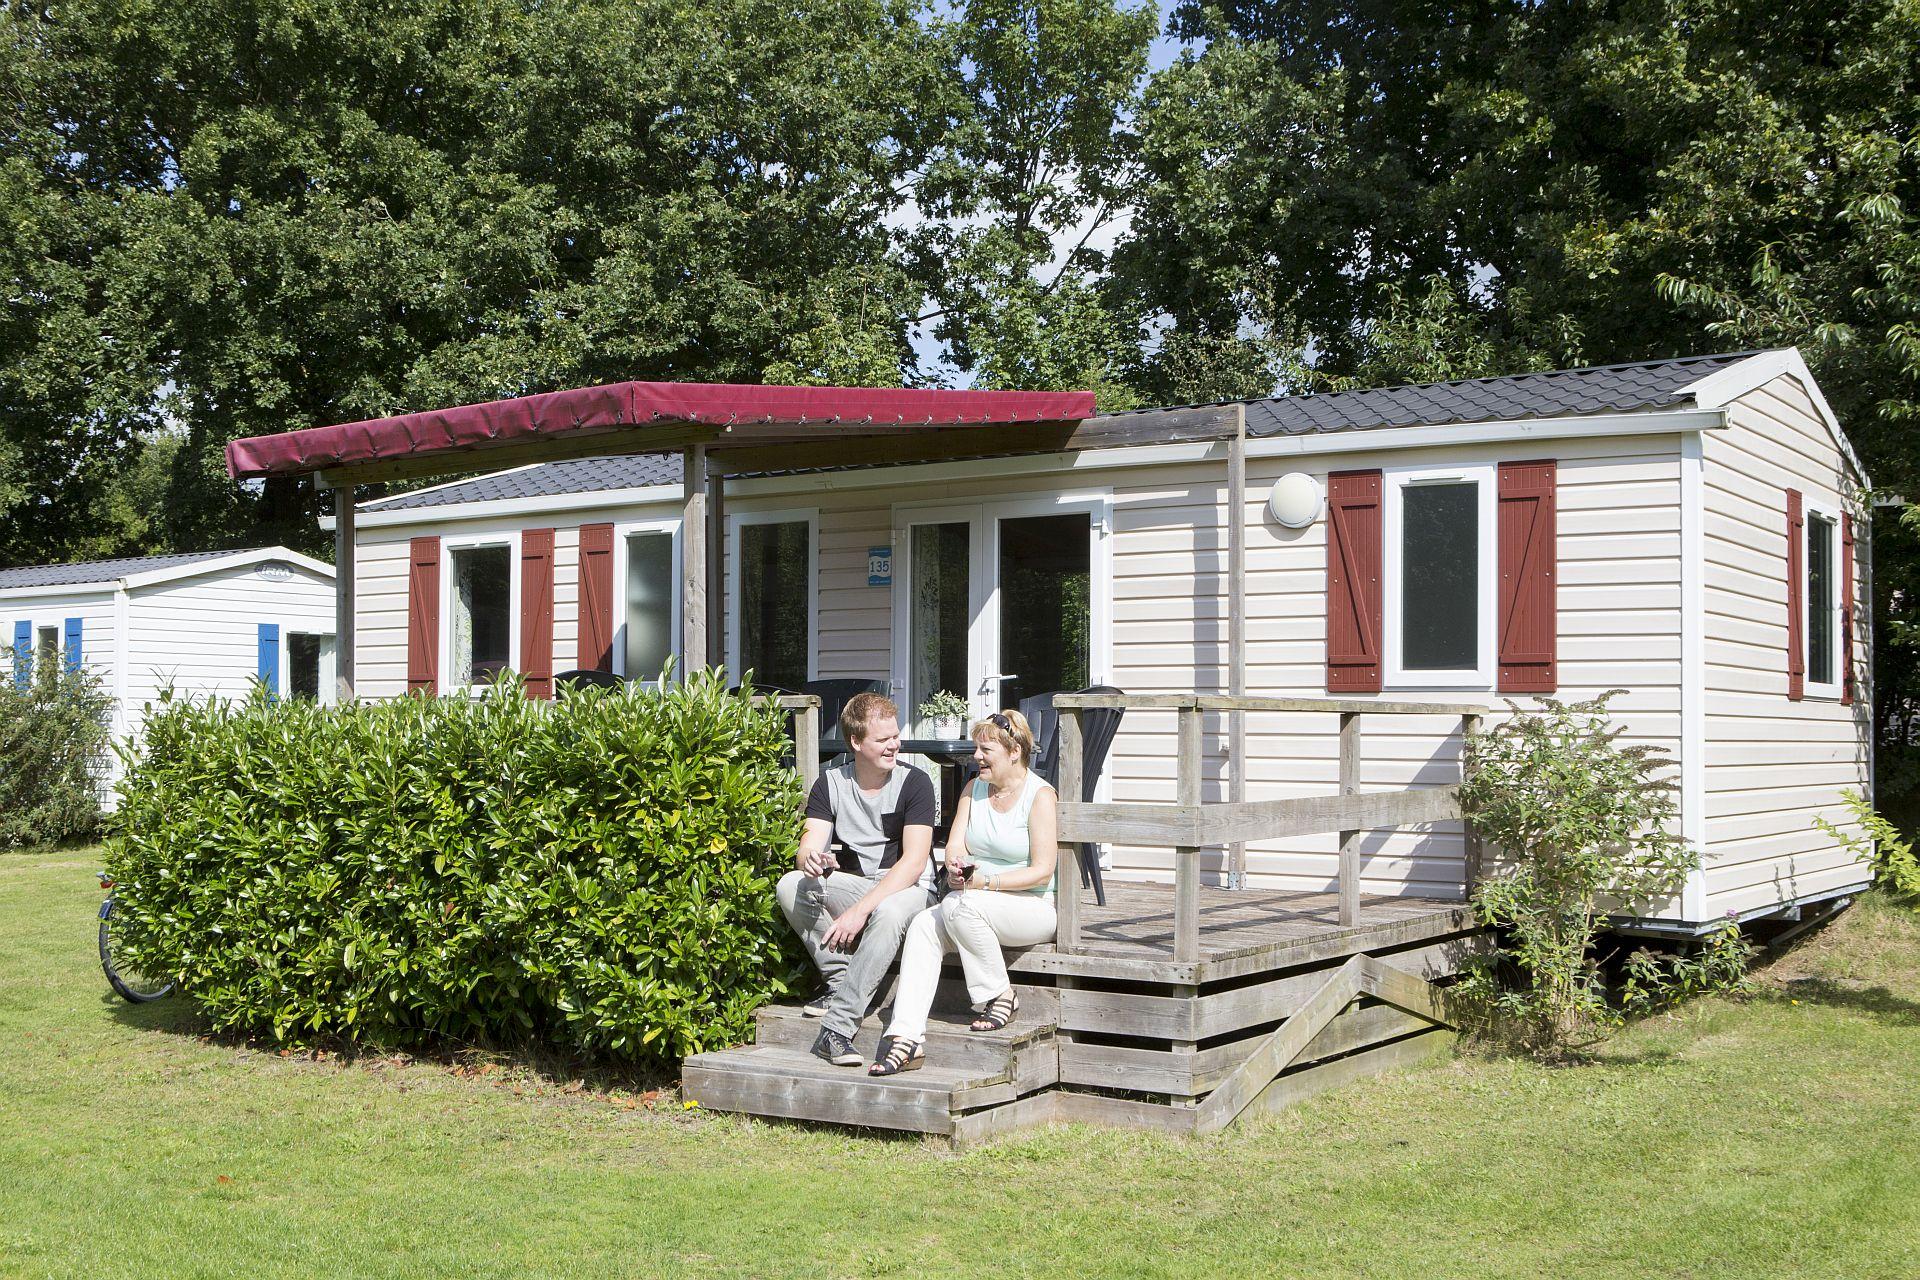 Chalet huren in Overijssel op een vijf sterren camping! - chalet huren in Overijssel